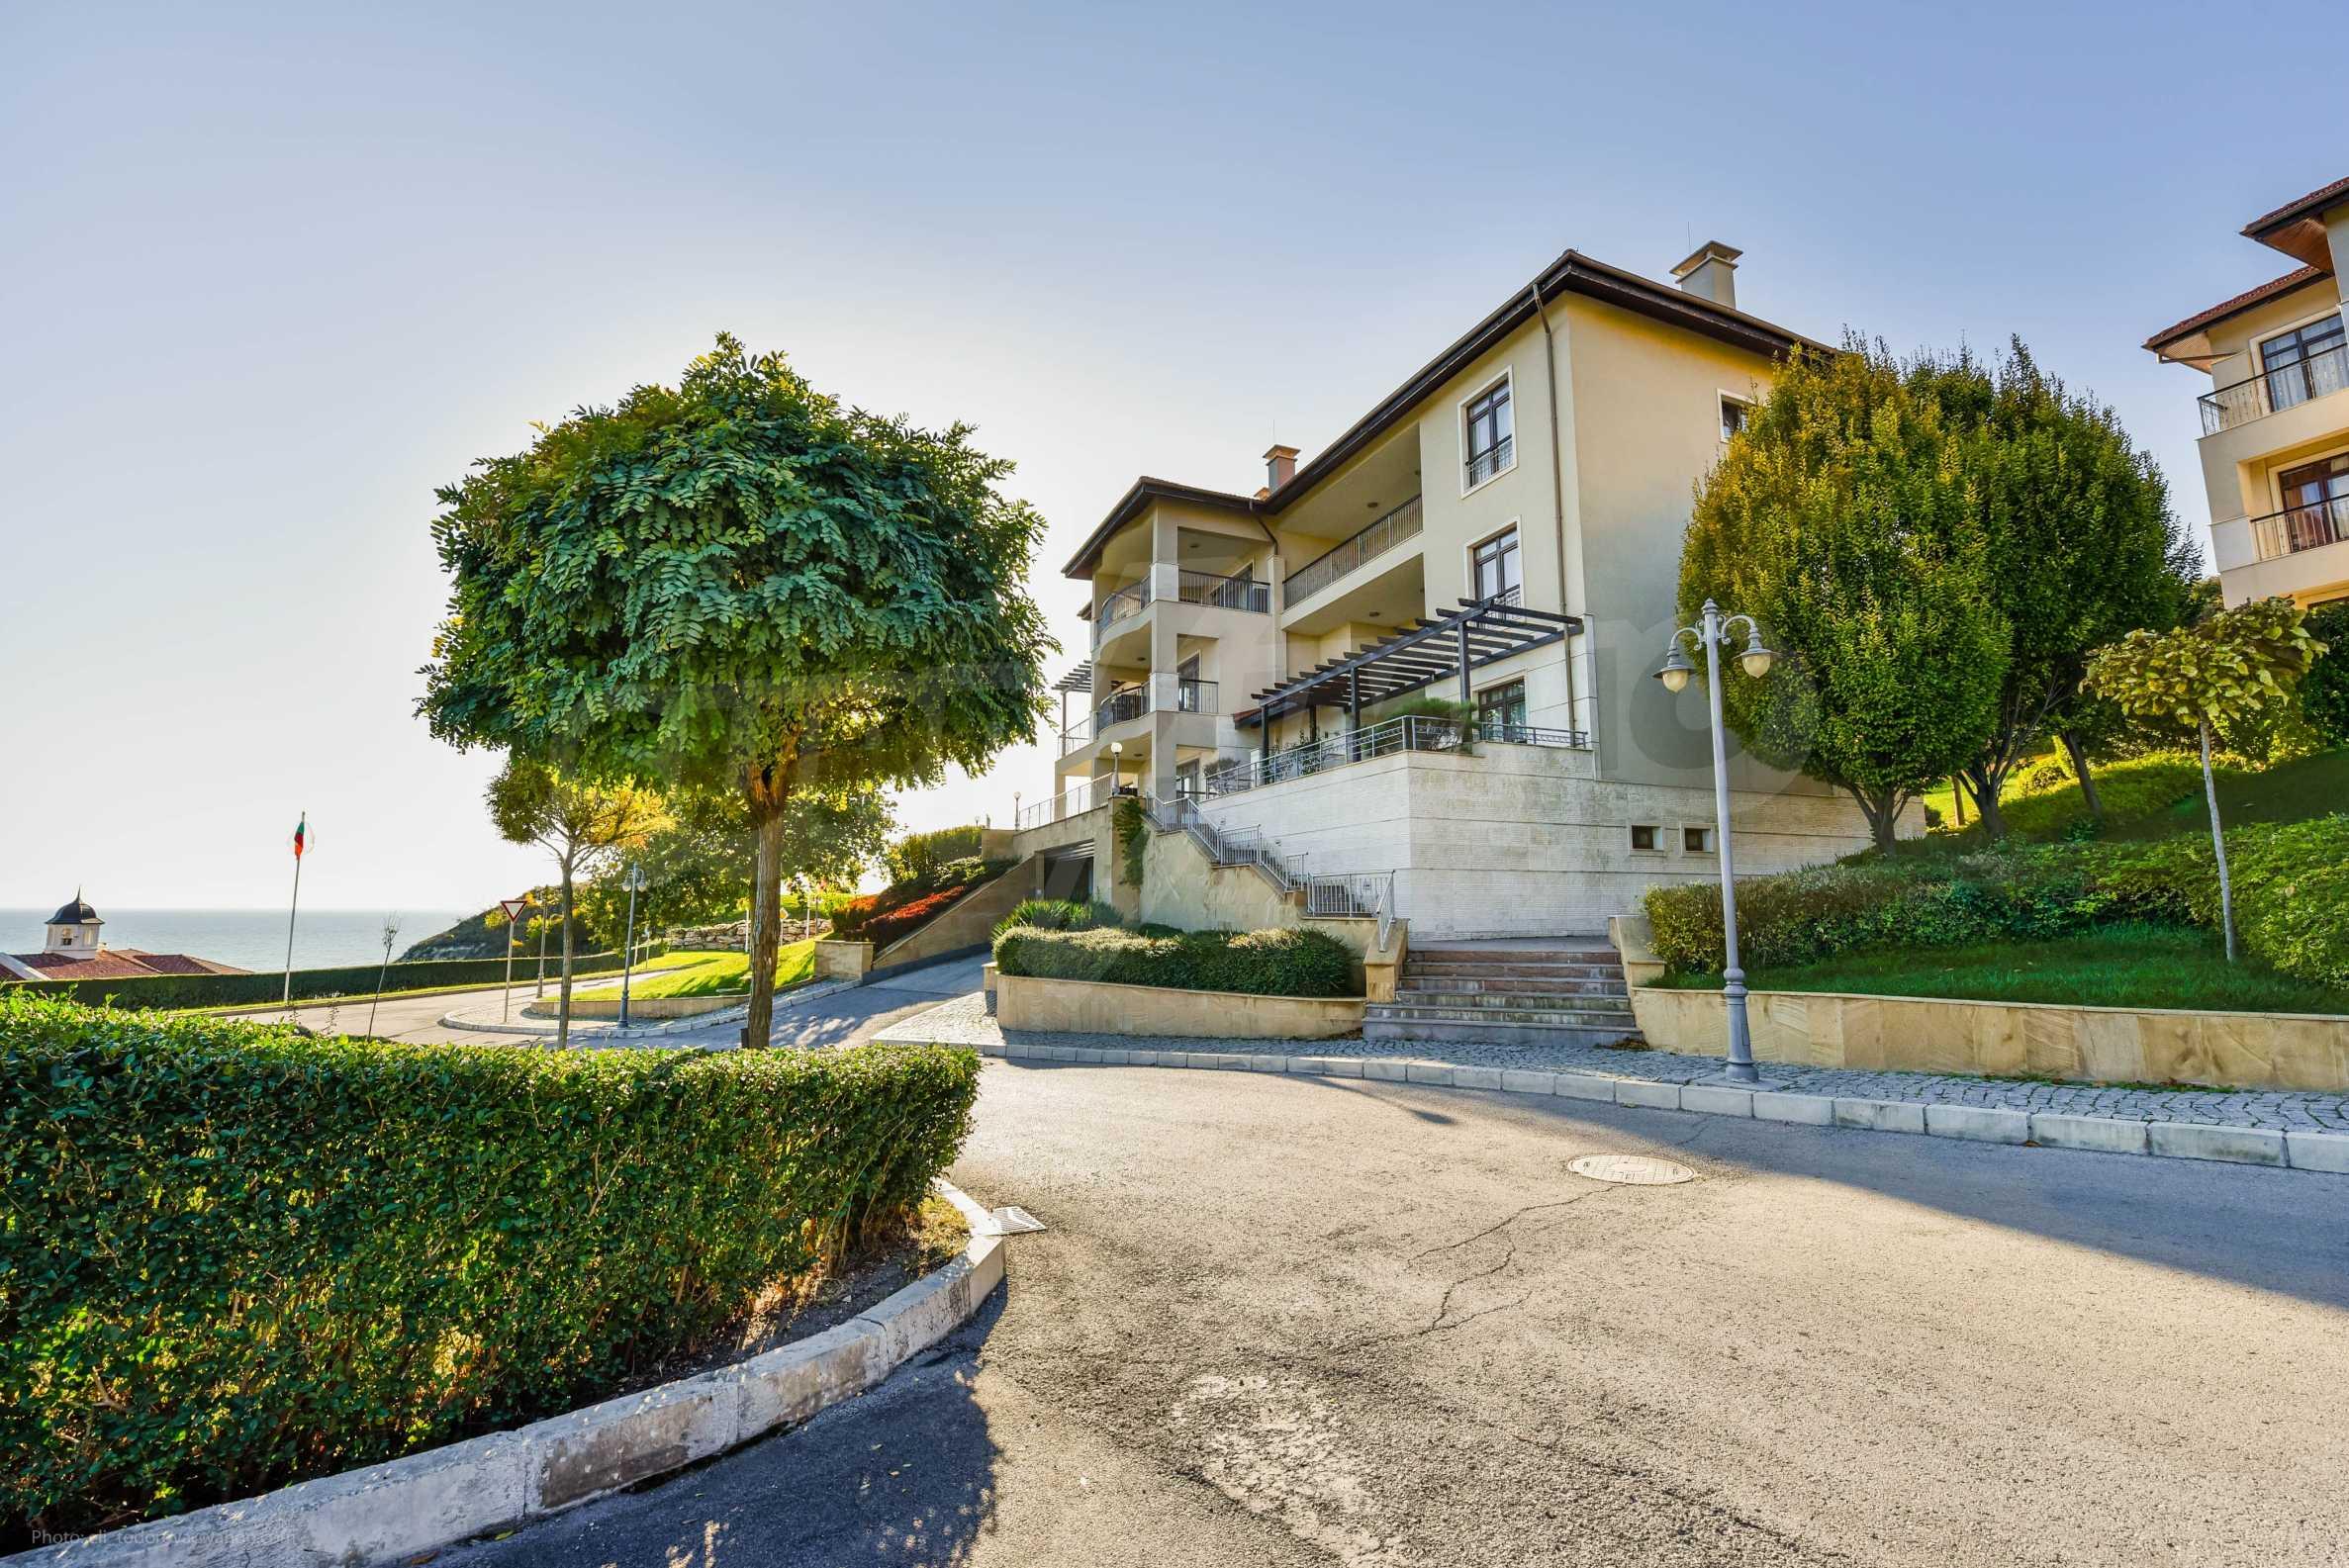 Thracian Cliffs Golf & Beach Resort - гольф-курорт мирового класса 12